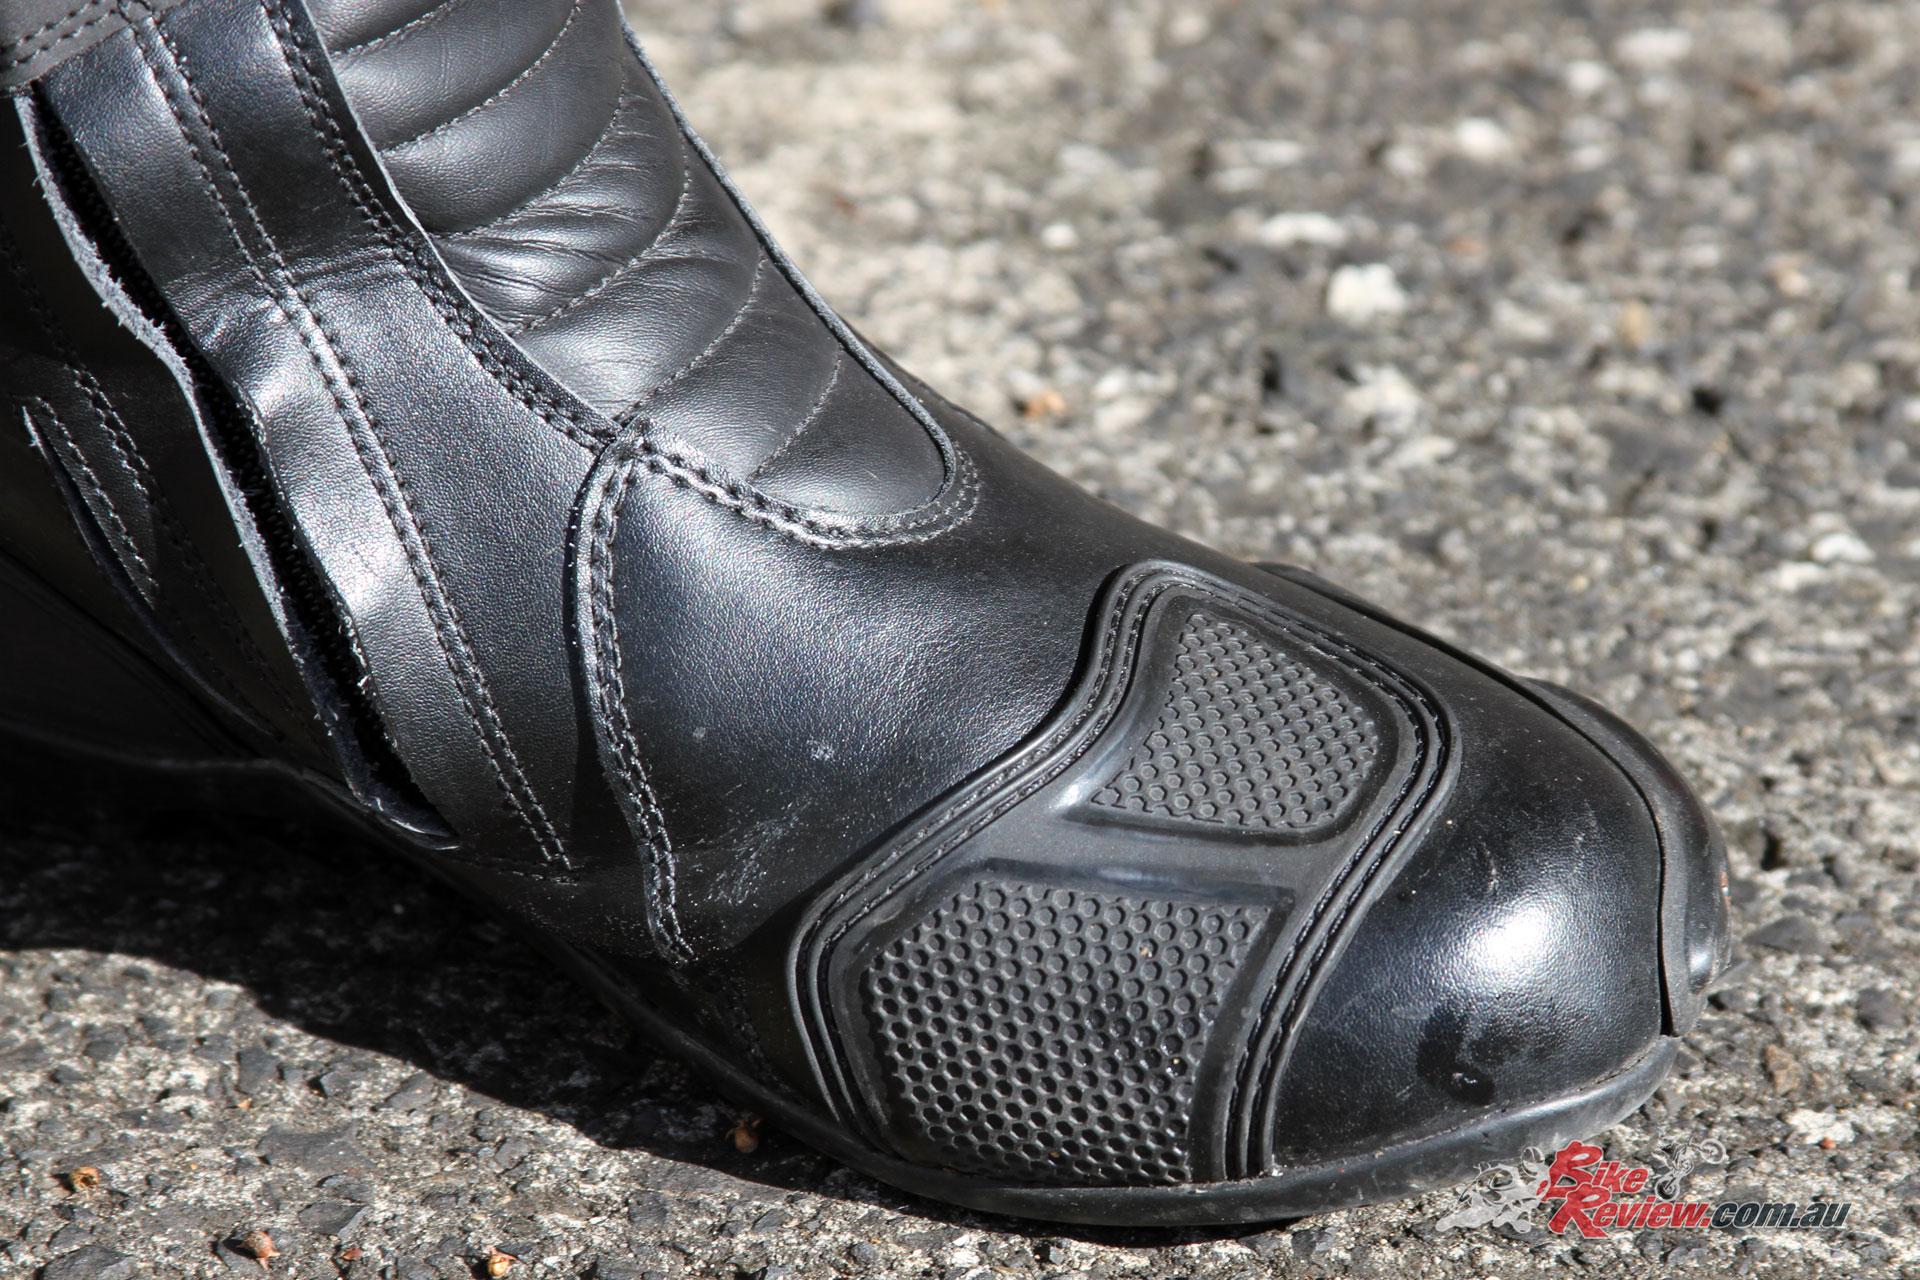 DriRider Stealth Boot